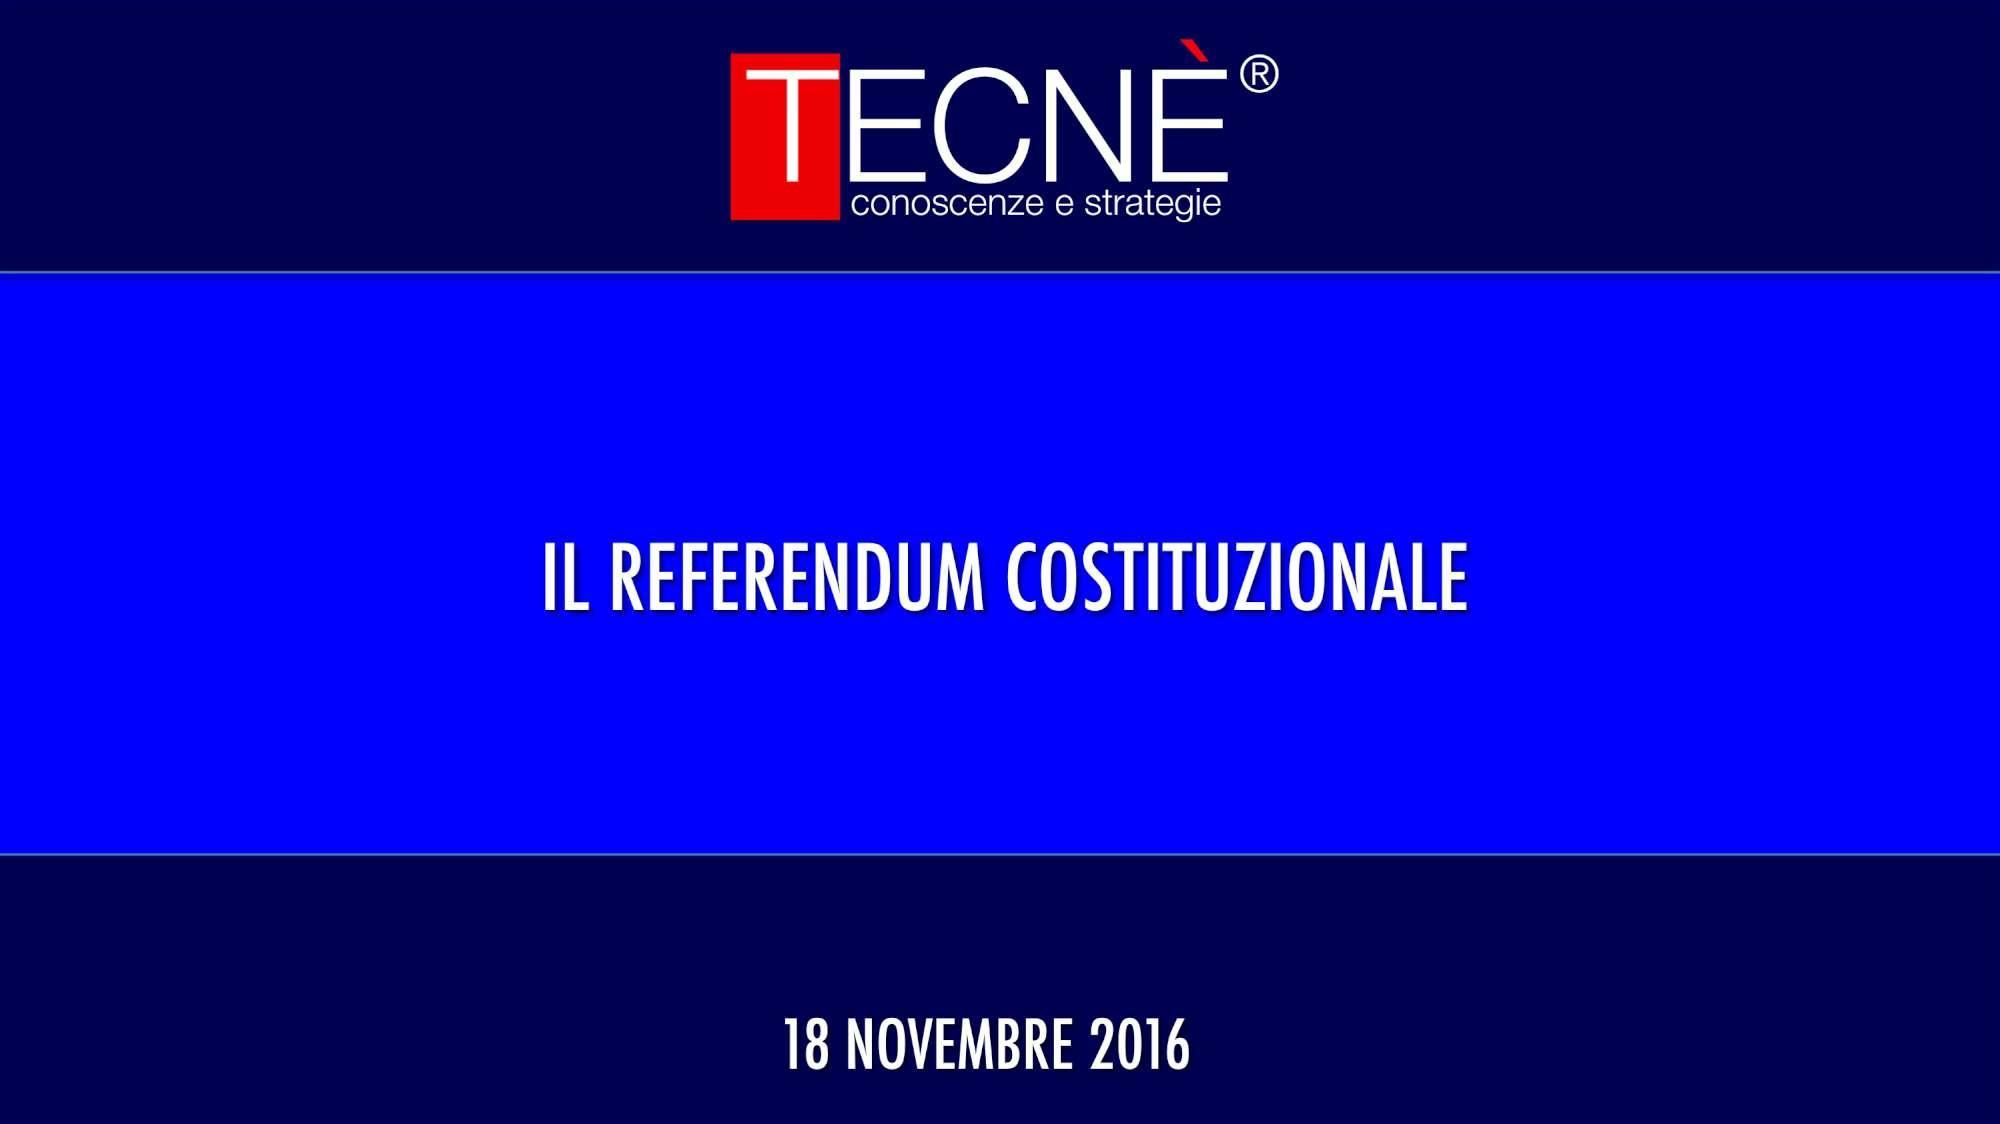 Referendum, il sondaggio Tecnè per Tgcom24: il No avanti del 7,6%